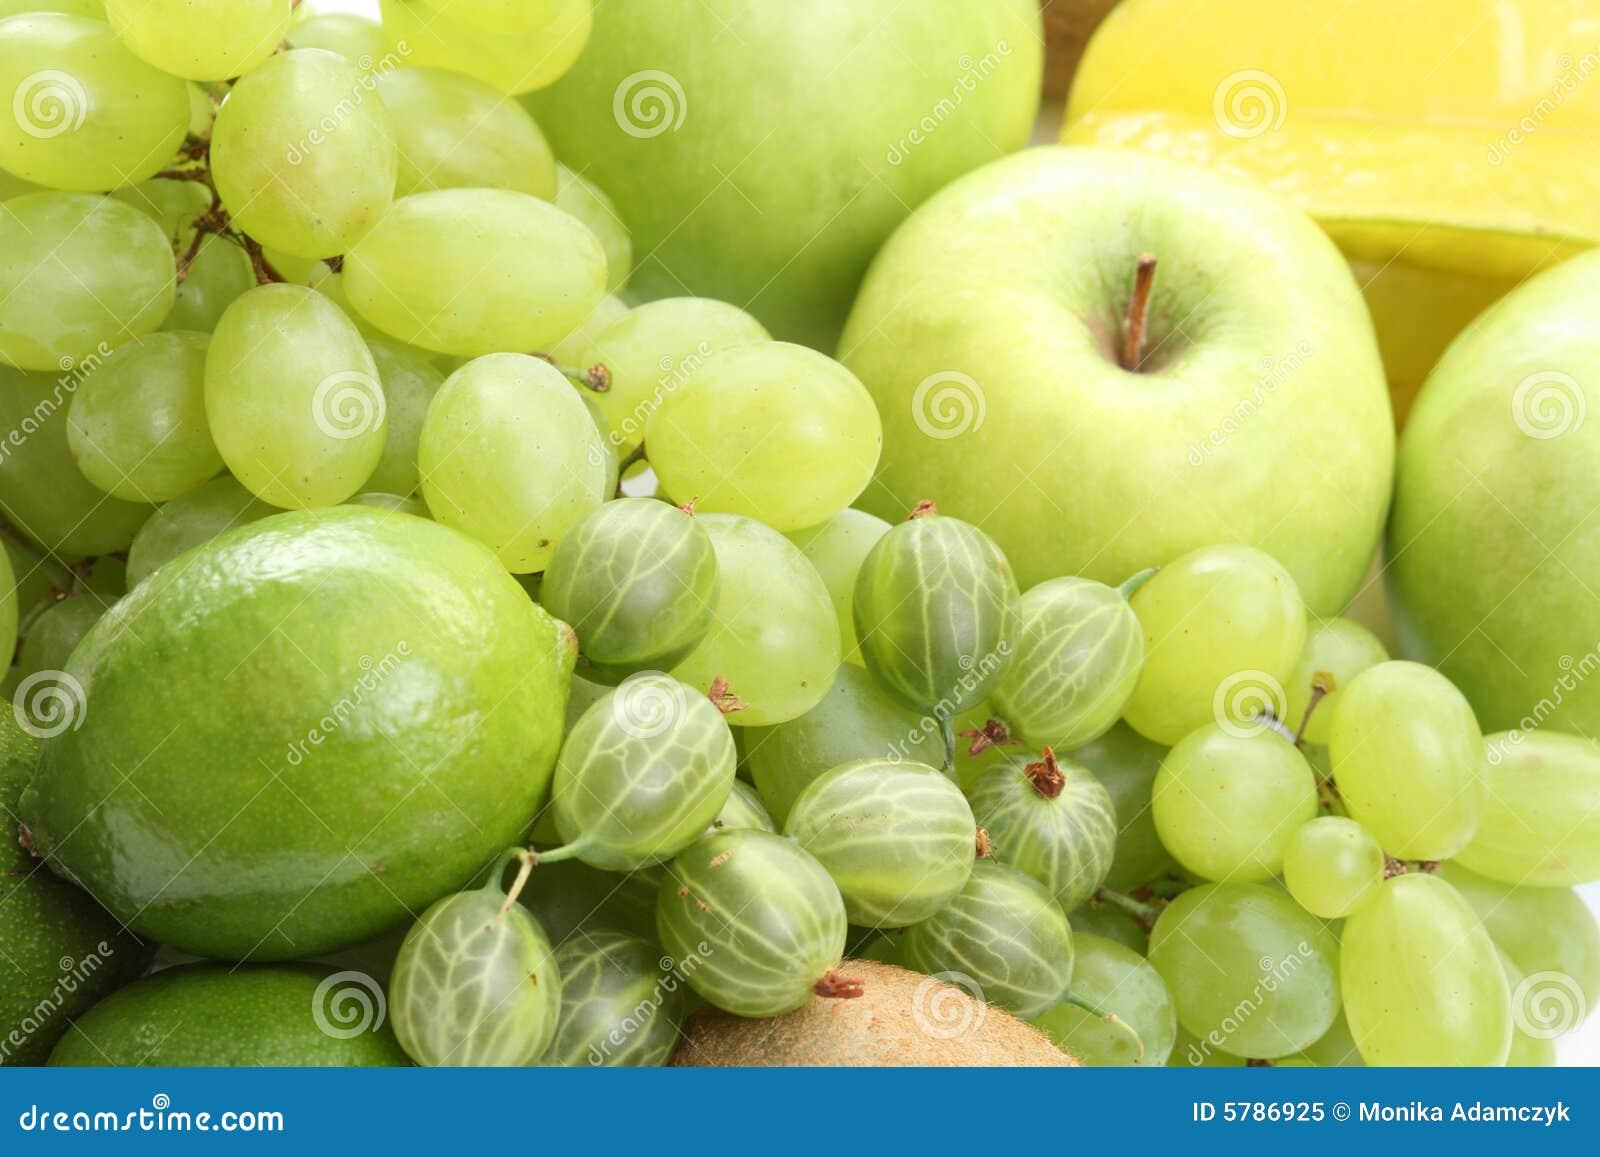 果子绿色多种